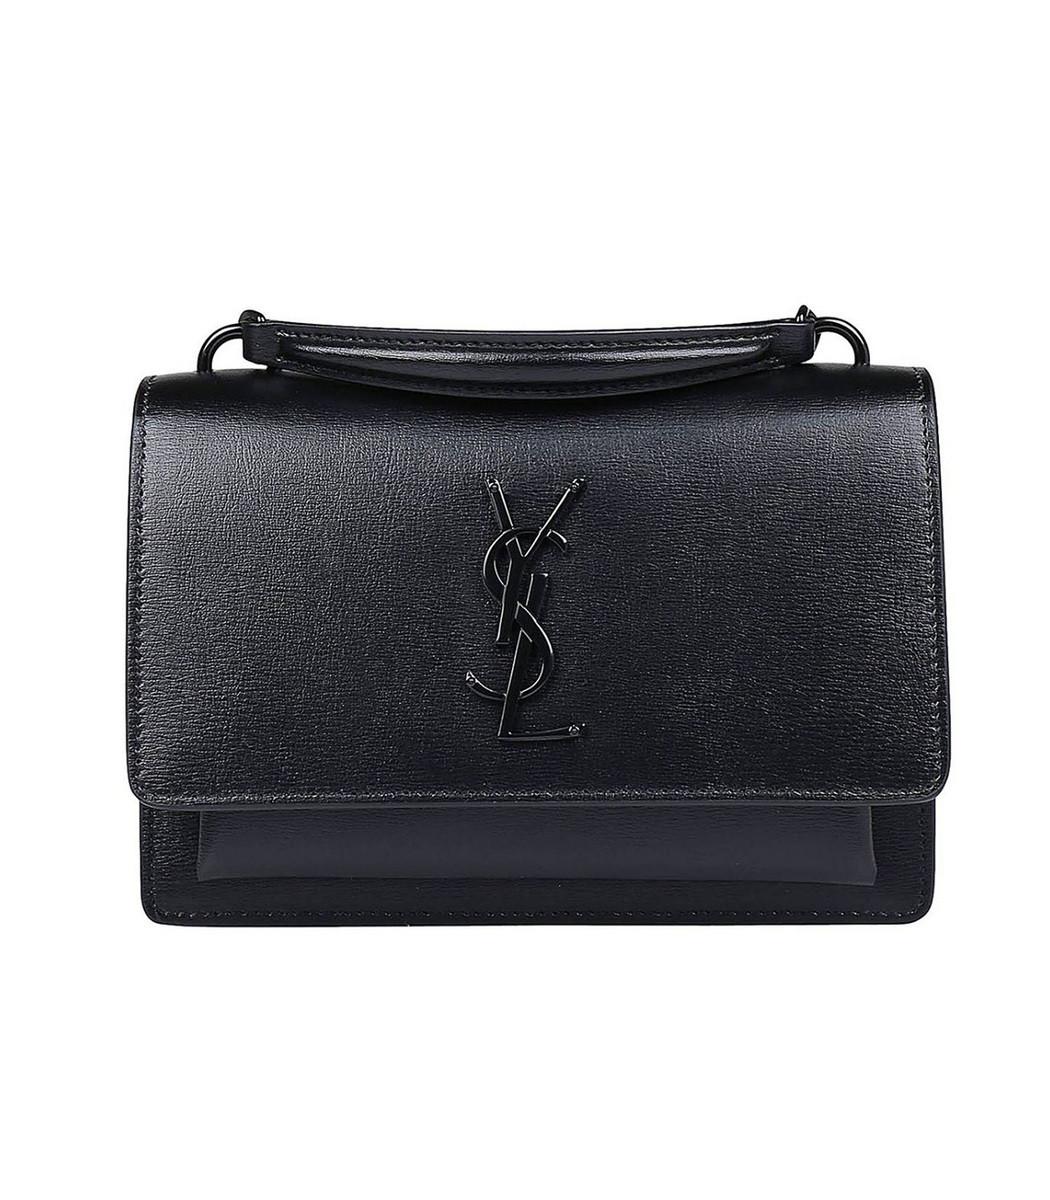 d7e7f863ba2b Saint Laurent Ysl Small Sunset Monogram Bag In Black